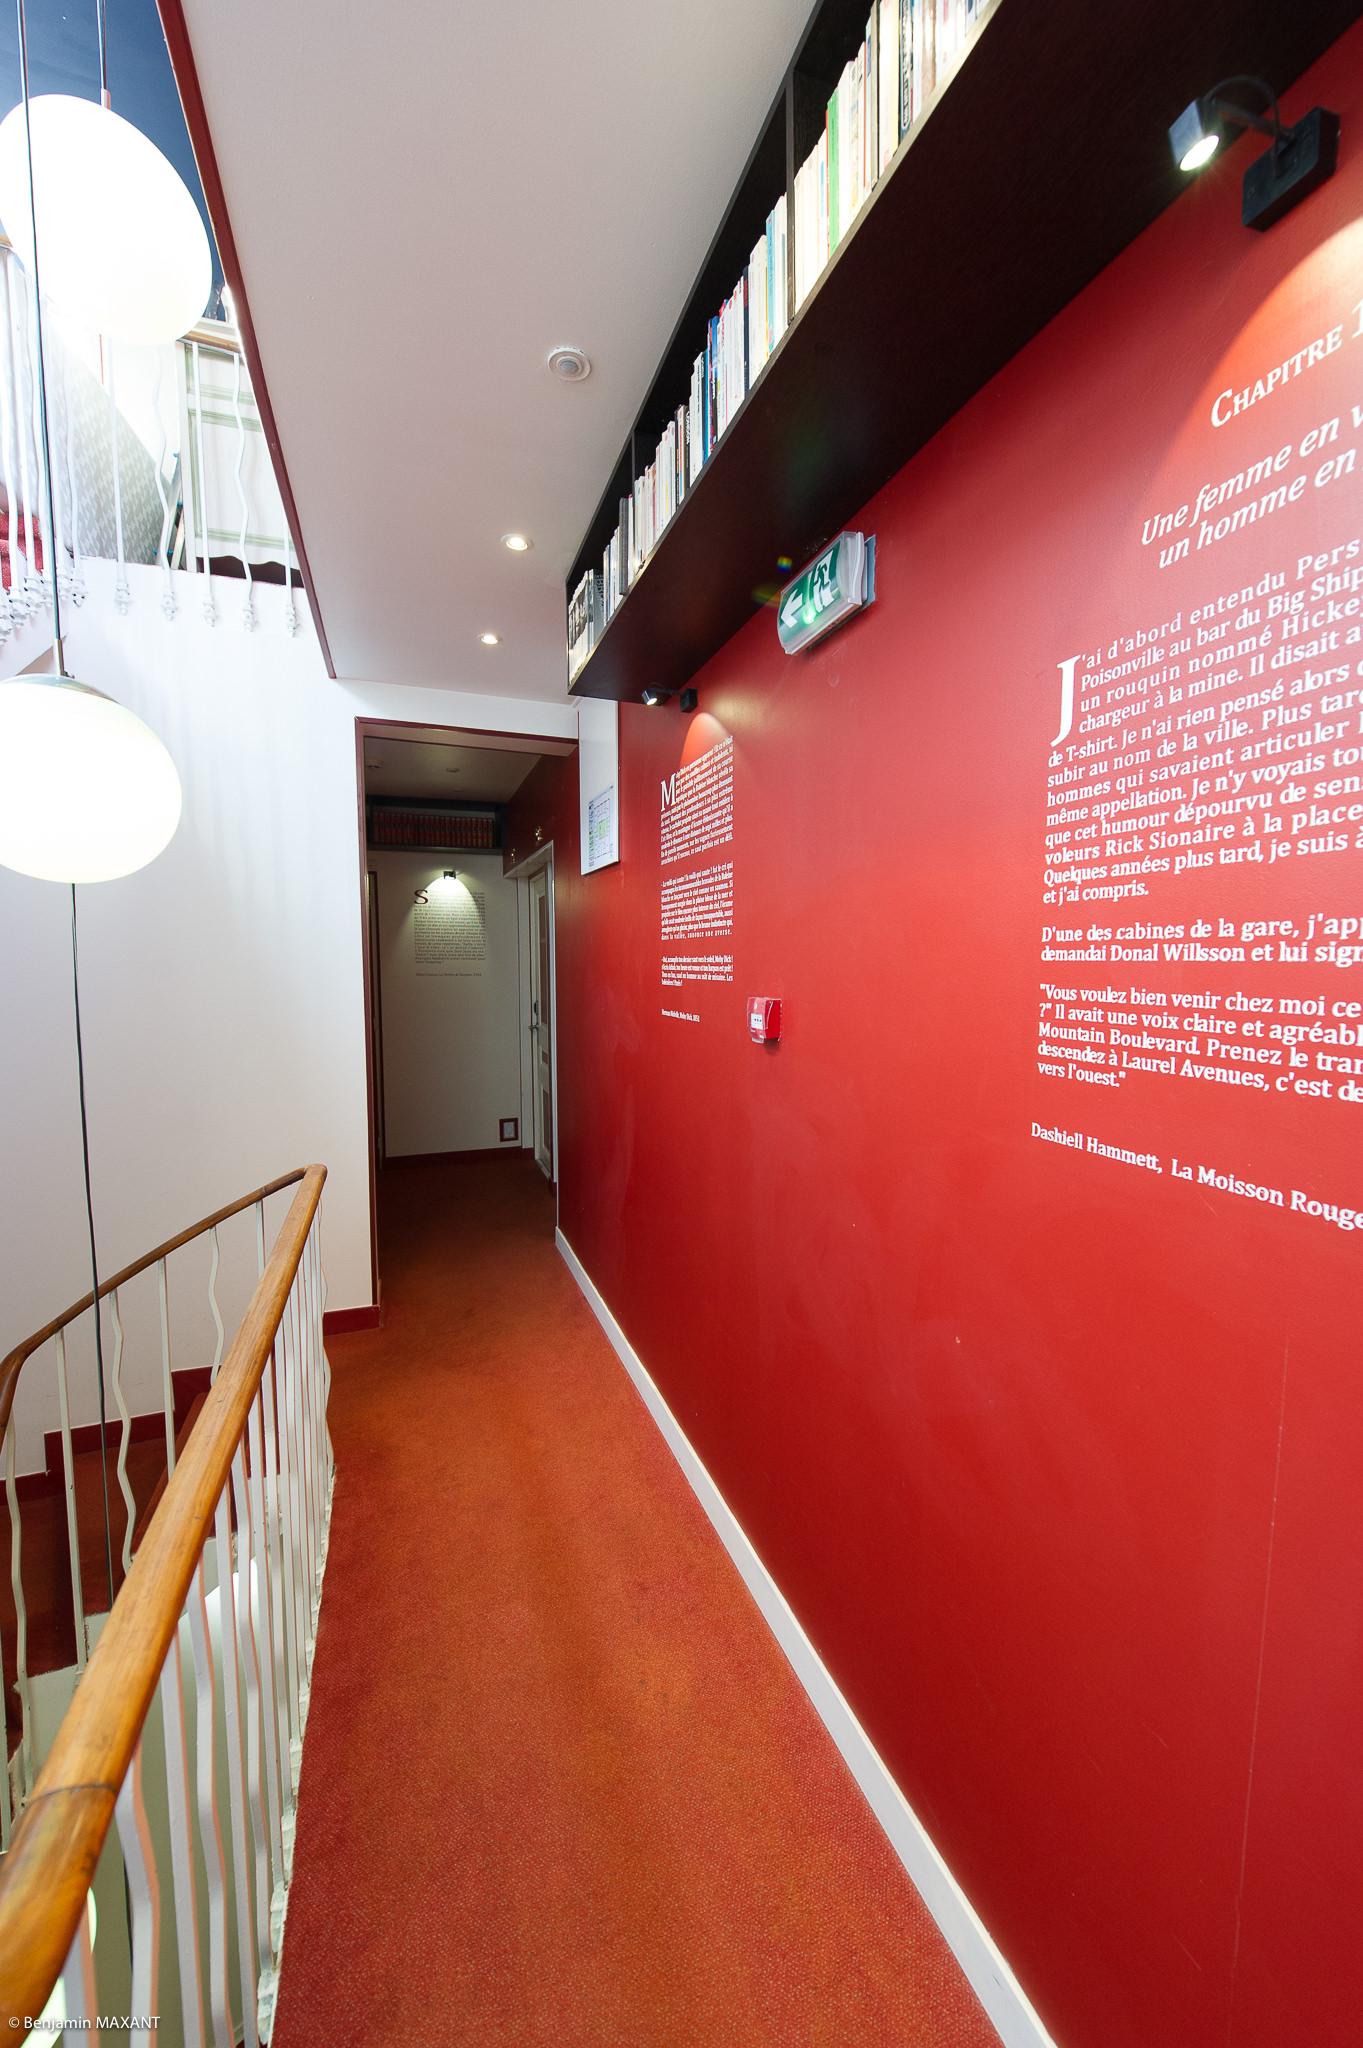 Reportage photo immobilier - Hôtel Idéal - couloir et passages de romans inscrits sur les murs